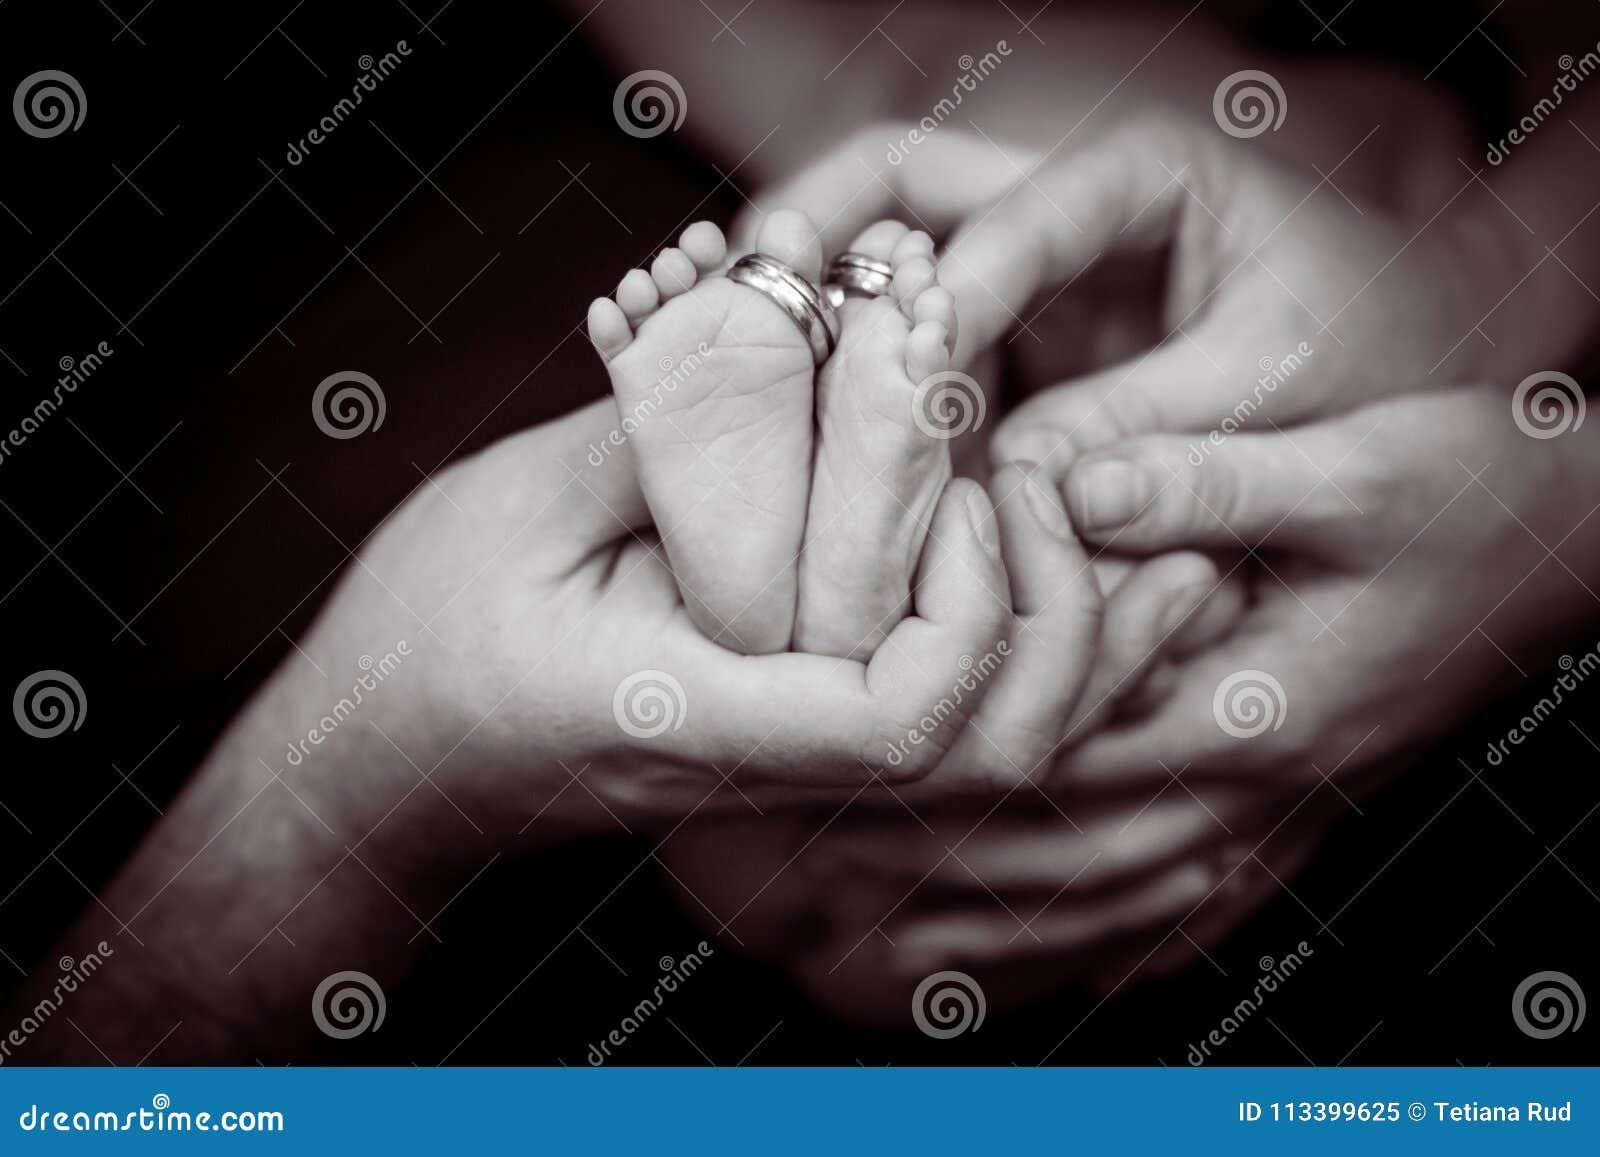 Hund der Brut ein Schosshund Glückliches Familienkonzept Schönes Begriffsbild der Mutterschaft